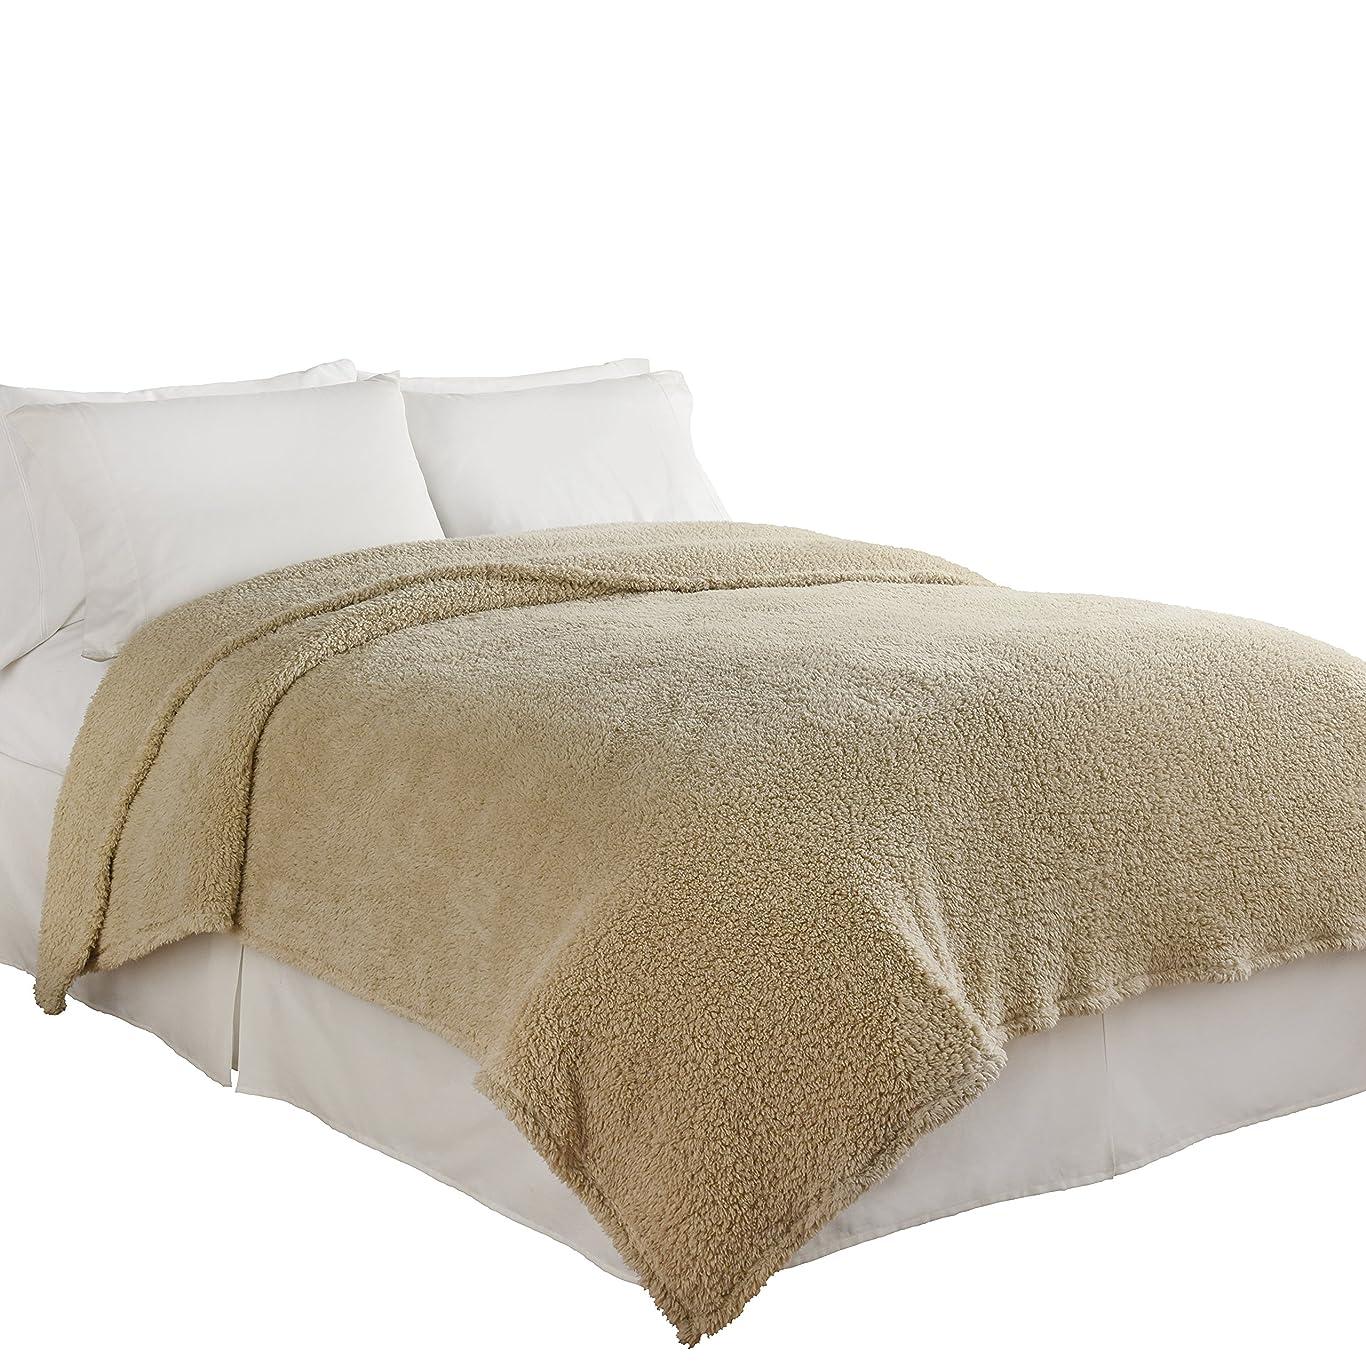 バージン外国人疲れたBeautyrest Cosette Ultra Soft Blanket Full/Queen ベージュ 16513BEDDF/QCRM